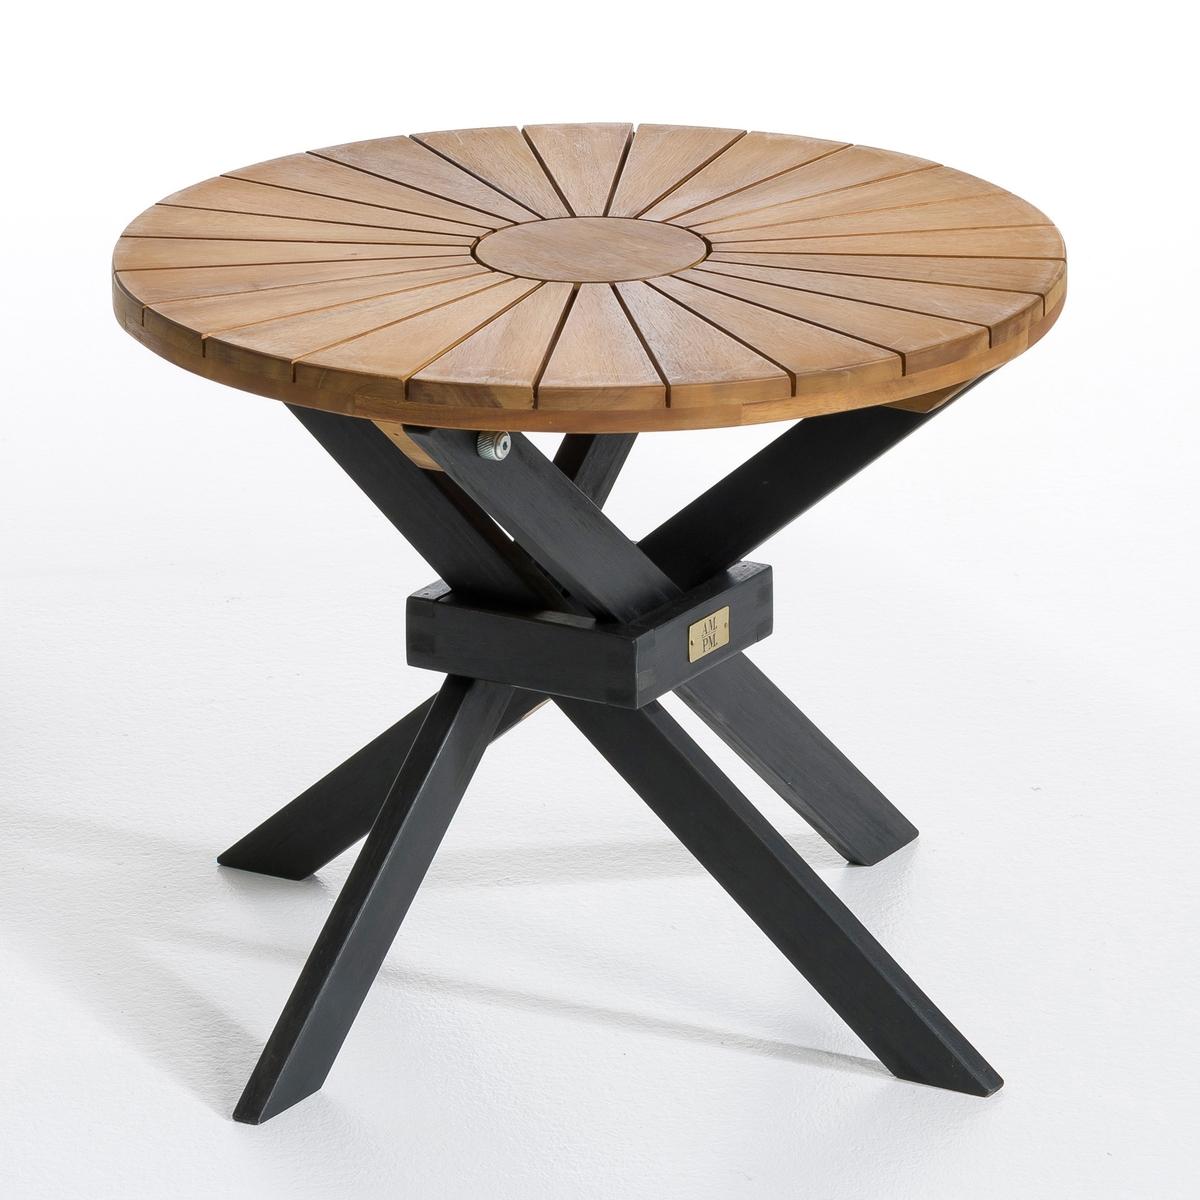 Стол низкий садовый, JaktaРазмеры:- ?50, Выс.40 см. Размеры и вес упаковки:- Шир.53 x Выс.7 x Гл.52 см, 5 кг. Существует также модель обеденного стола.<br><br>Цвет: коричнево-каштановый